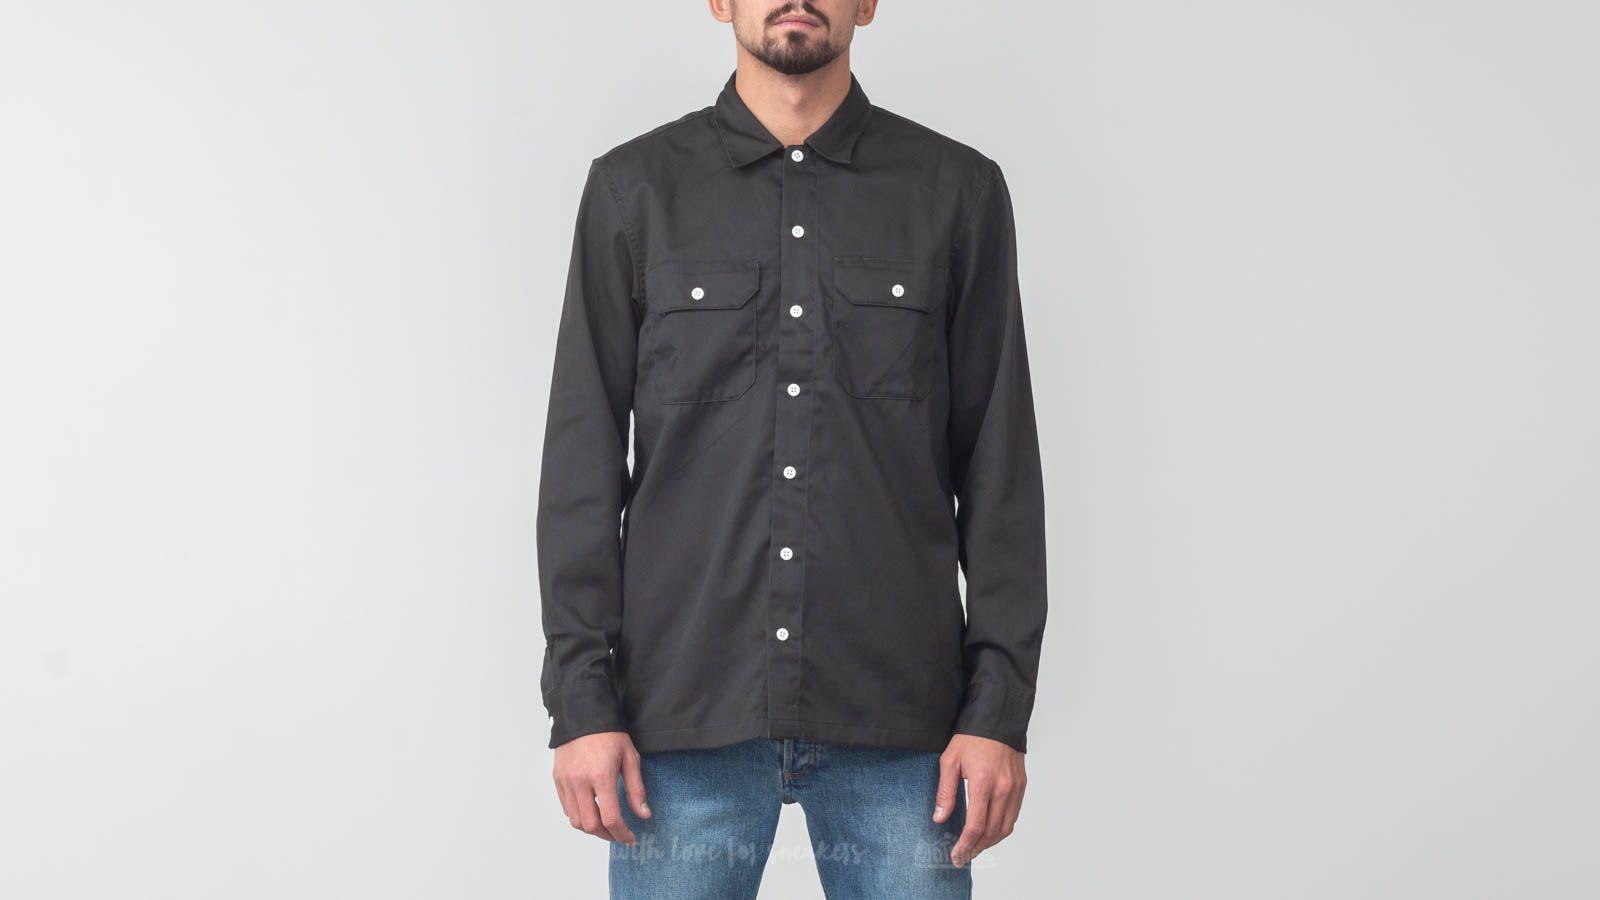 Košile Carhartt WIP Longsleeve Master Shirt Asphalt Rinsed